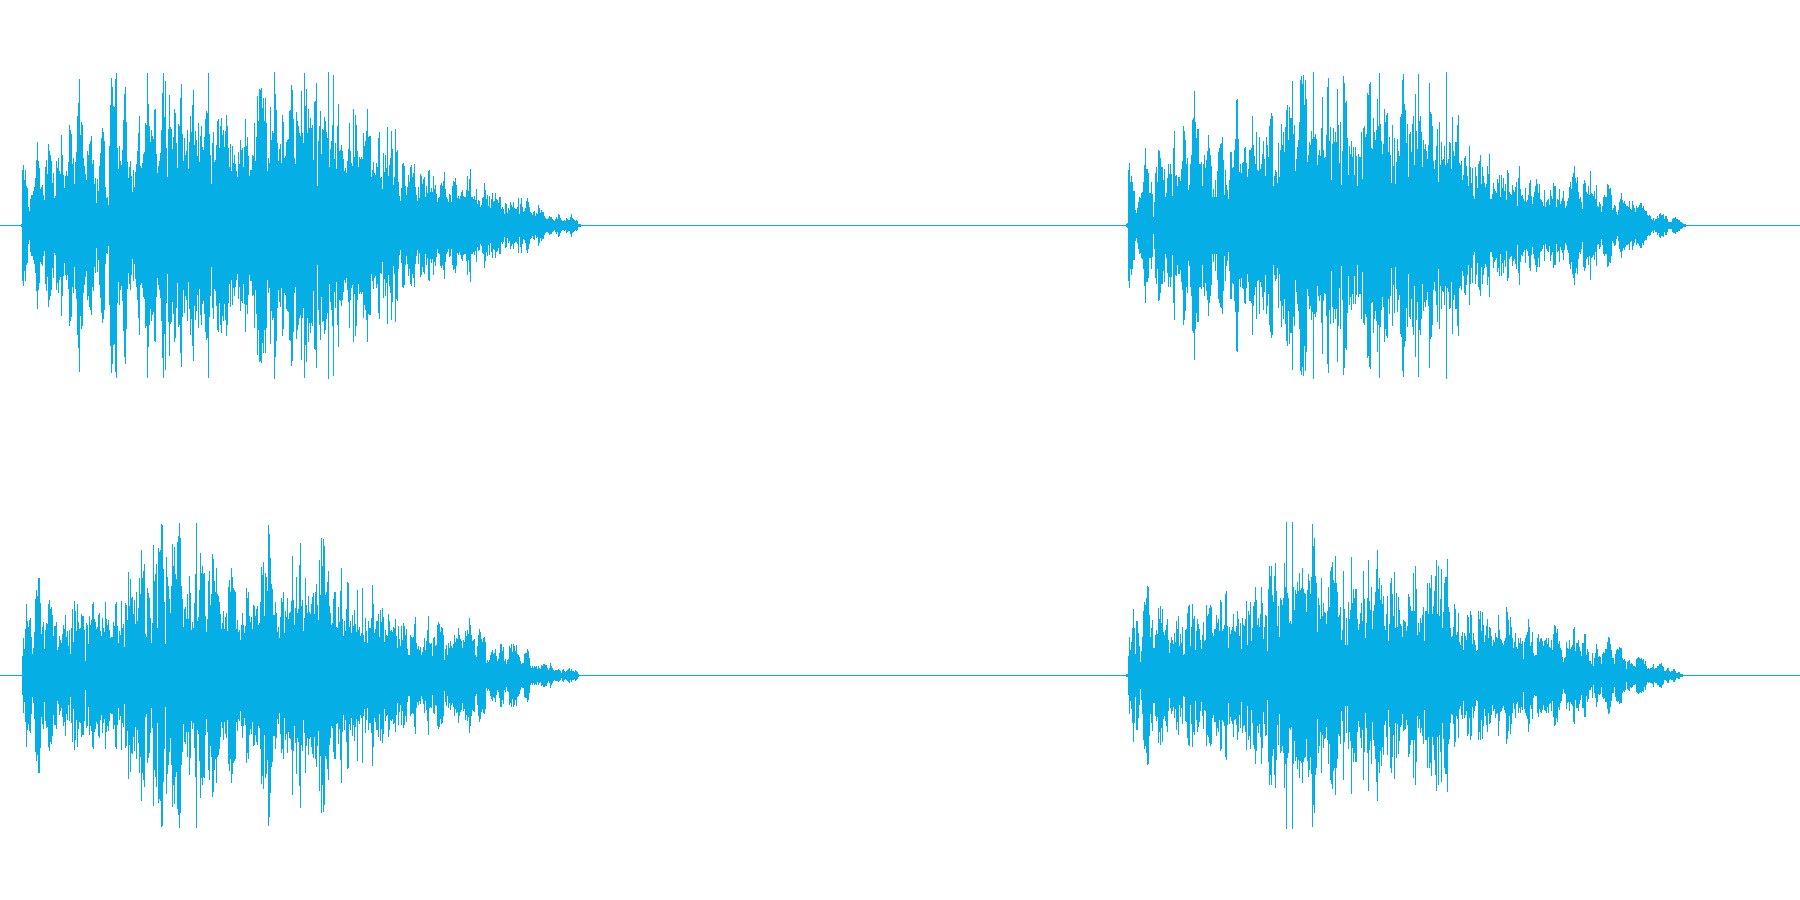 モンスターの足音の再生済みの波形